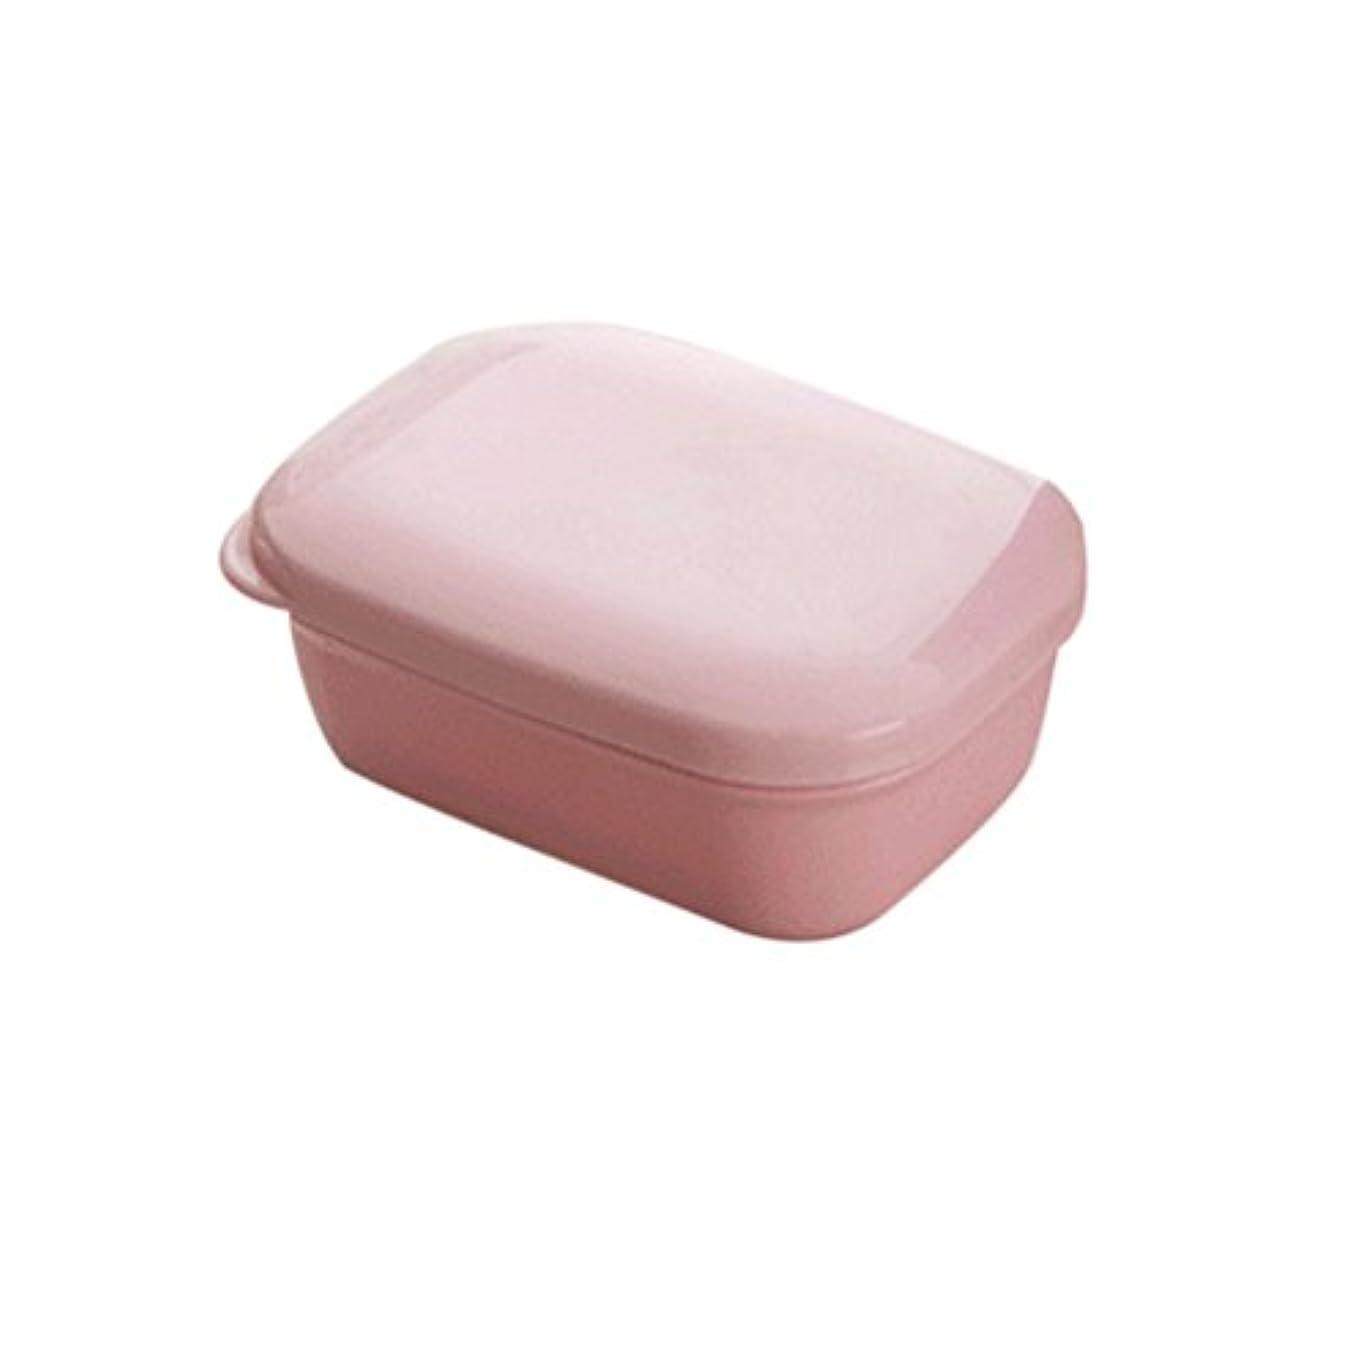 遠近法伝えるピアBESTOMZ 石鹸ケース 石鹸置き ソープディッシュ 旅行用 携帯 ふた付け(ピンク)